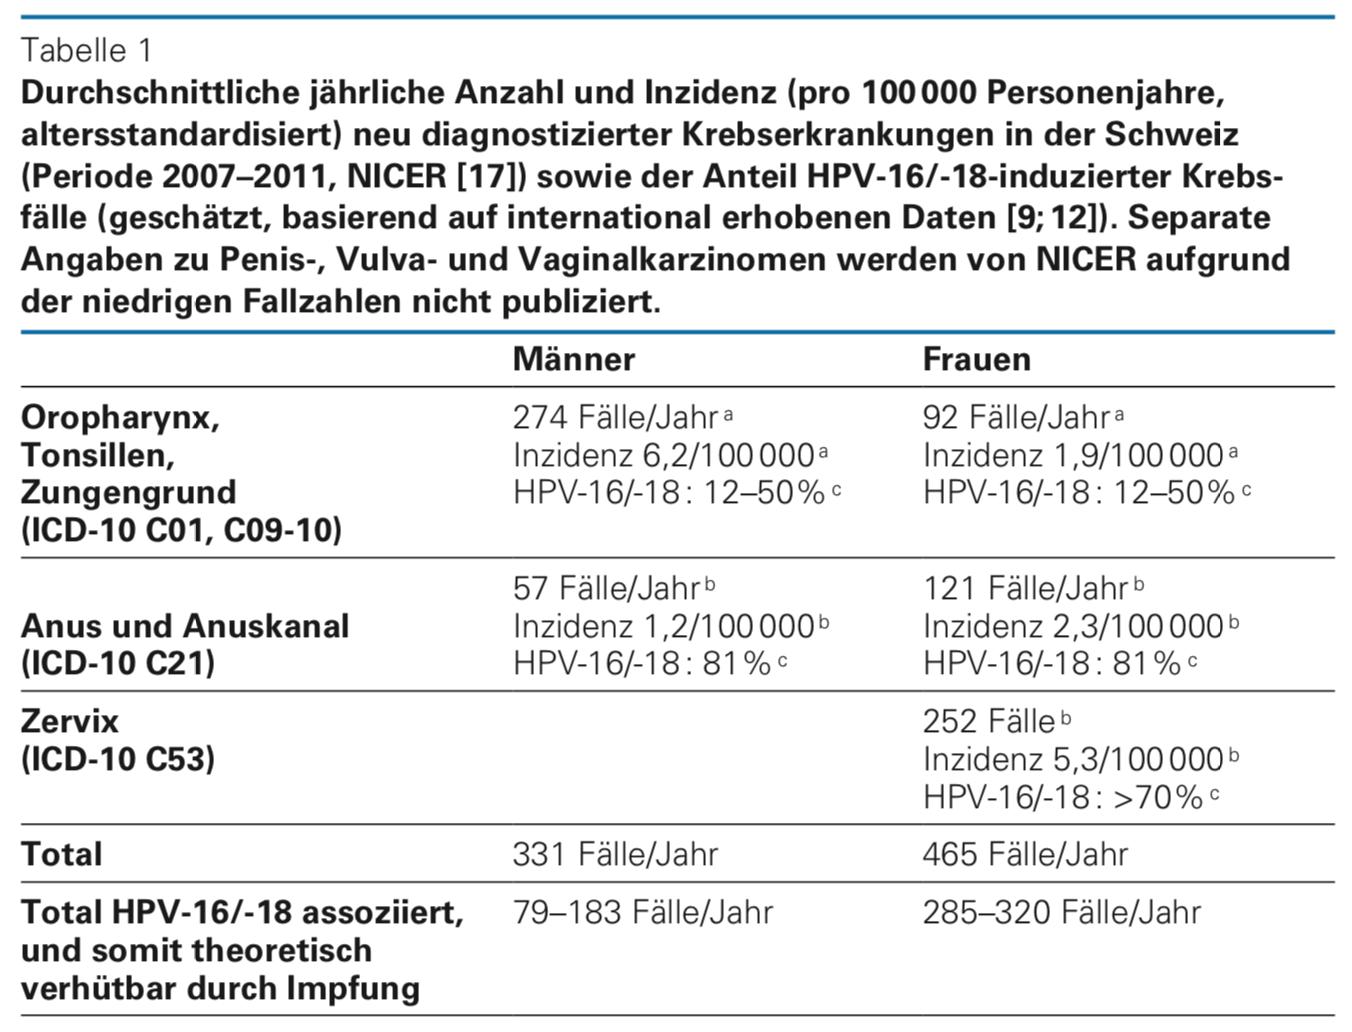 hpv impfung nebenwirkungen 2020 pinworm milyen tablettákat inni